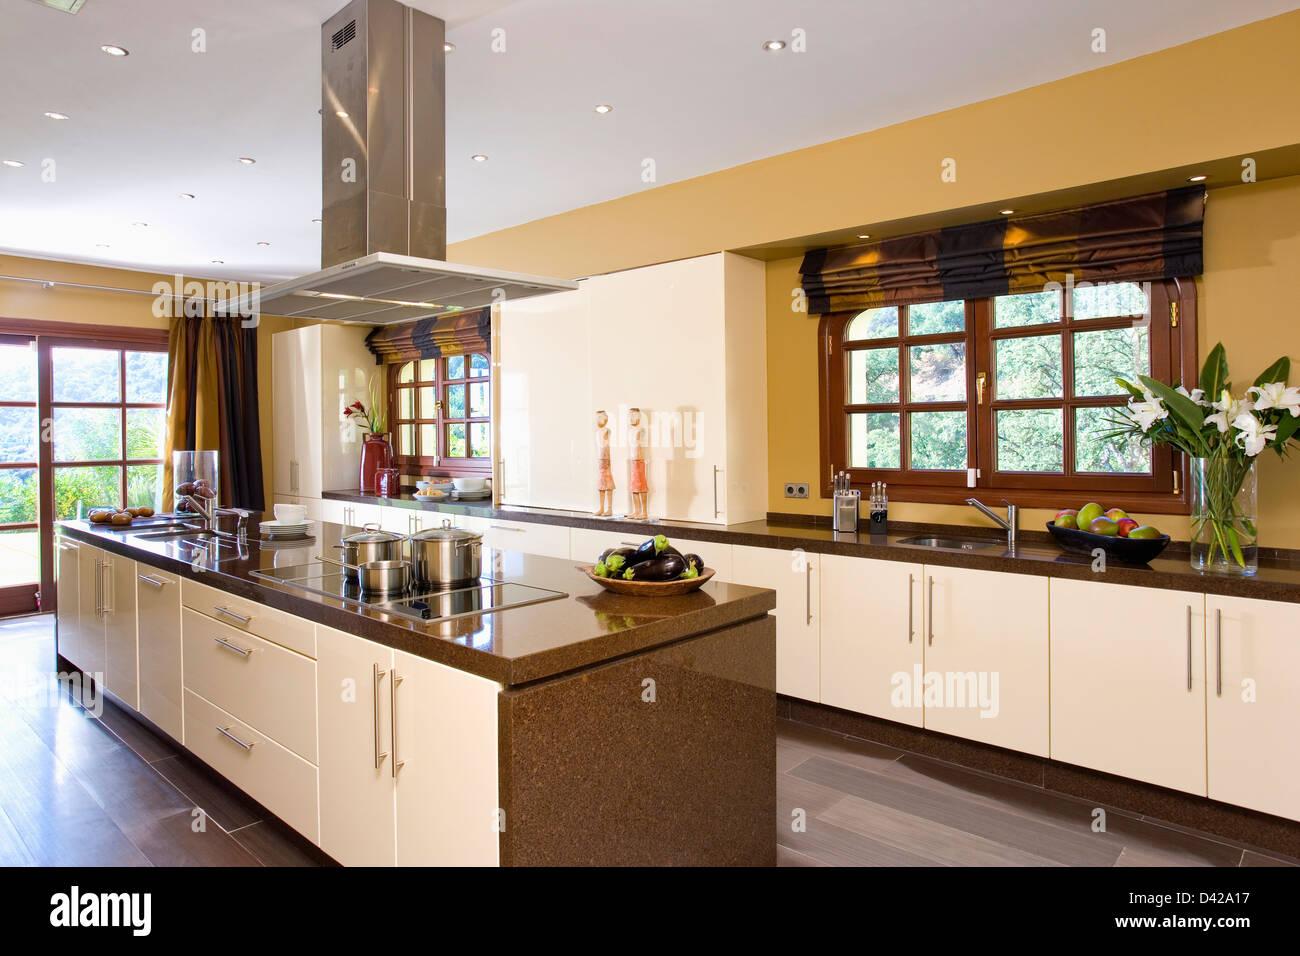 Ventilateur d 39 unit dans l 39 le de cuisine moderne villa en espagnol banque d 39 images photo stock for Fenetre en espagnol